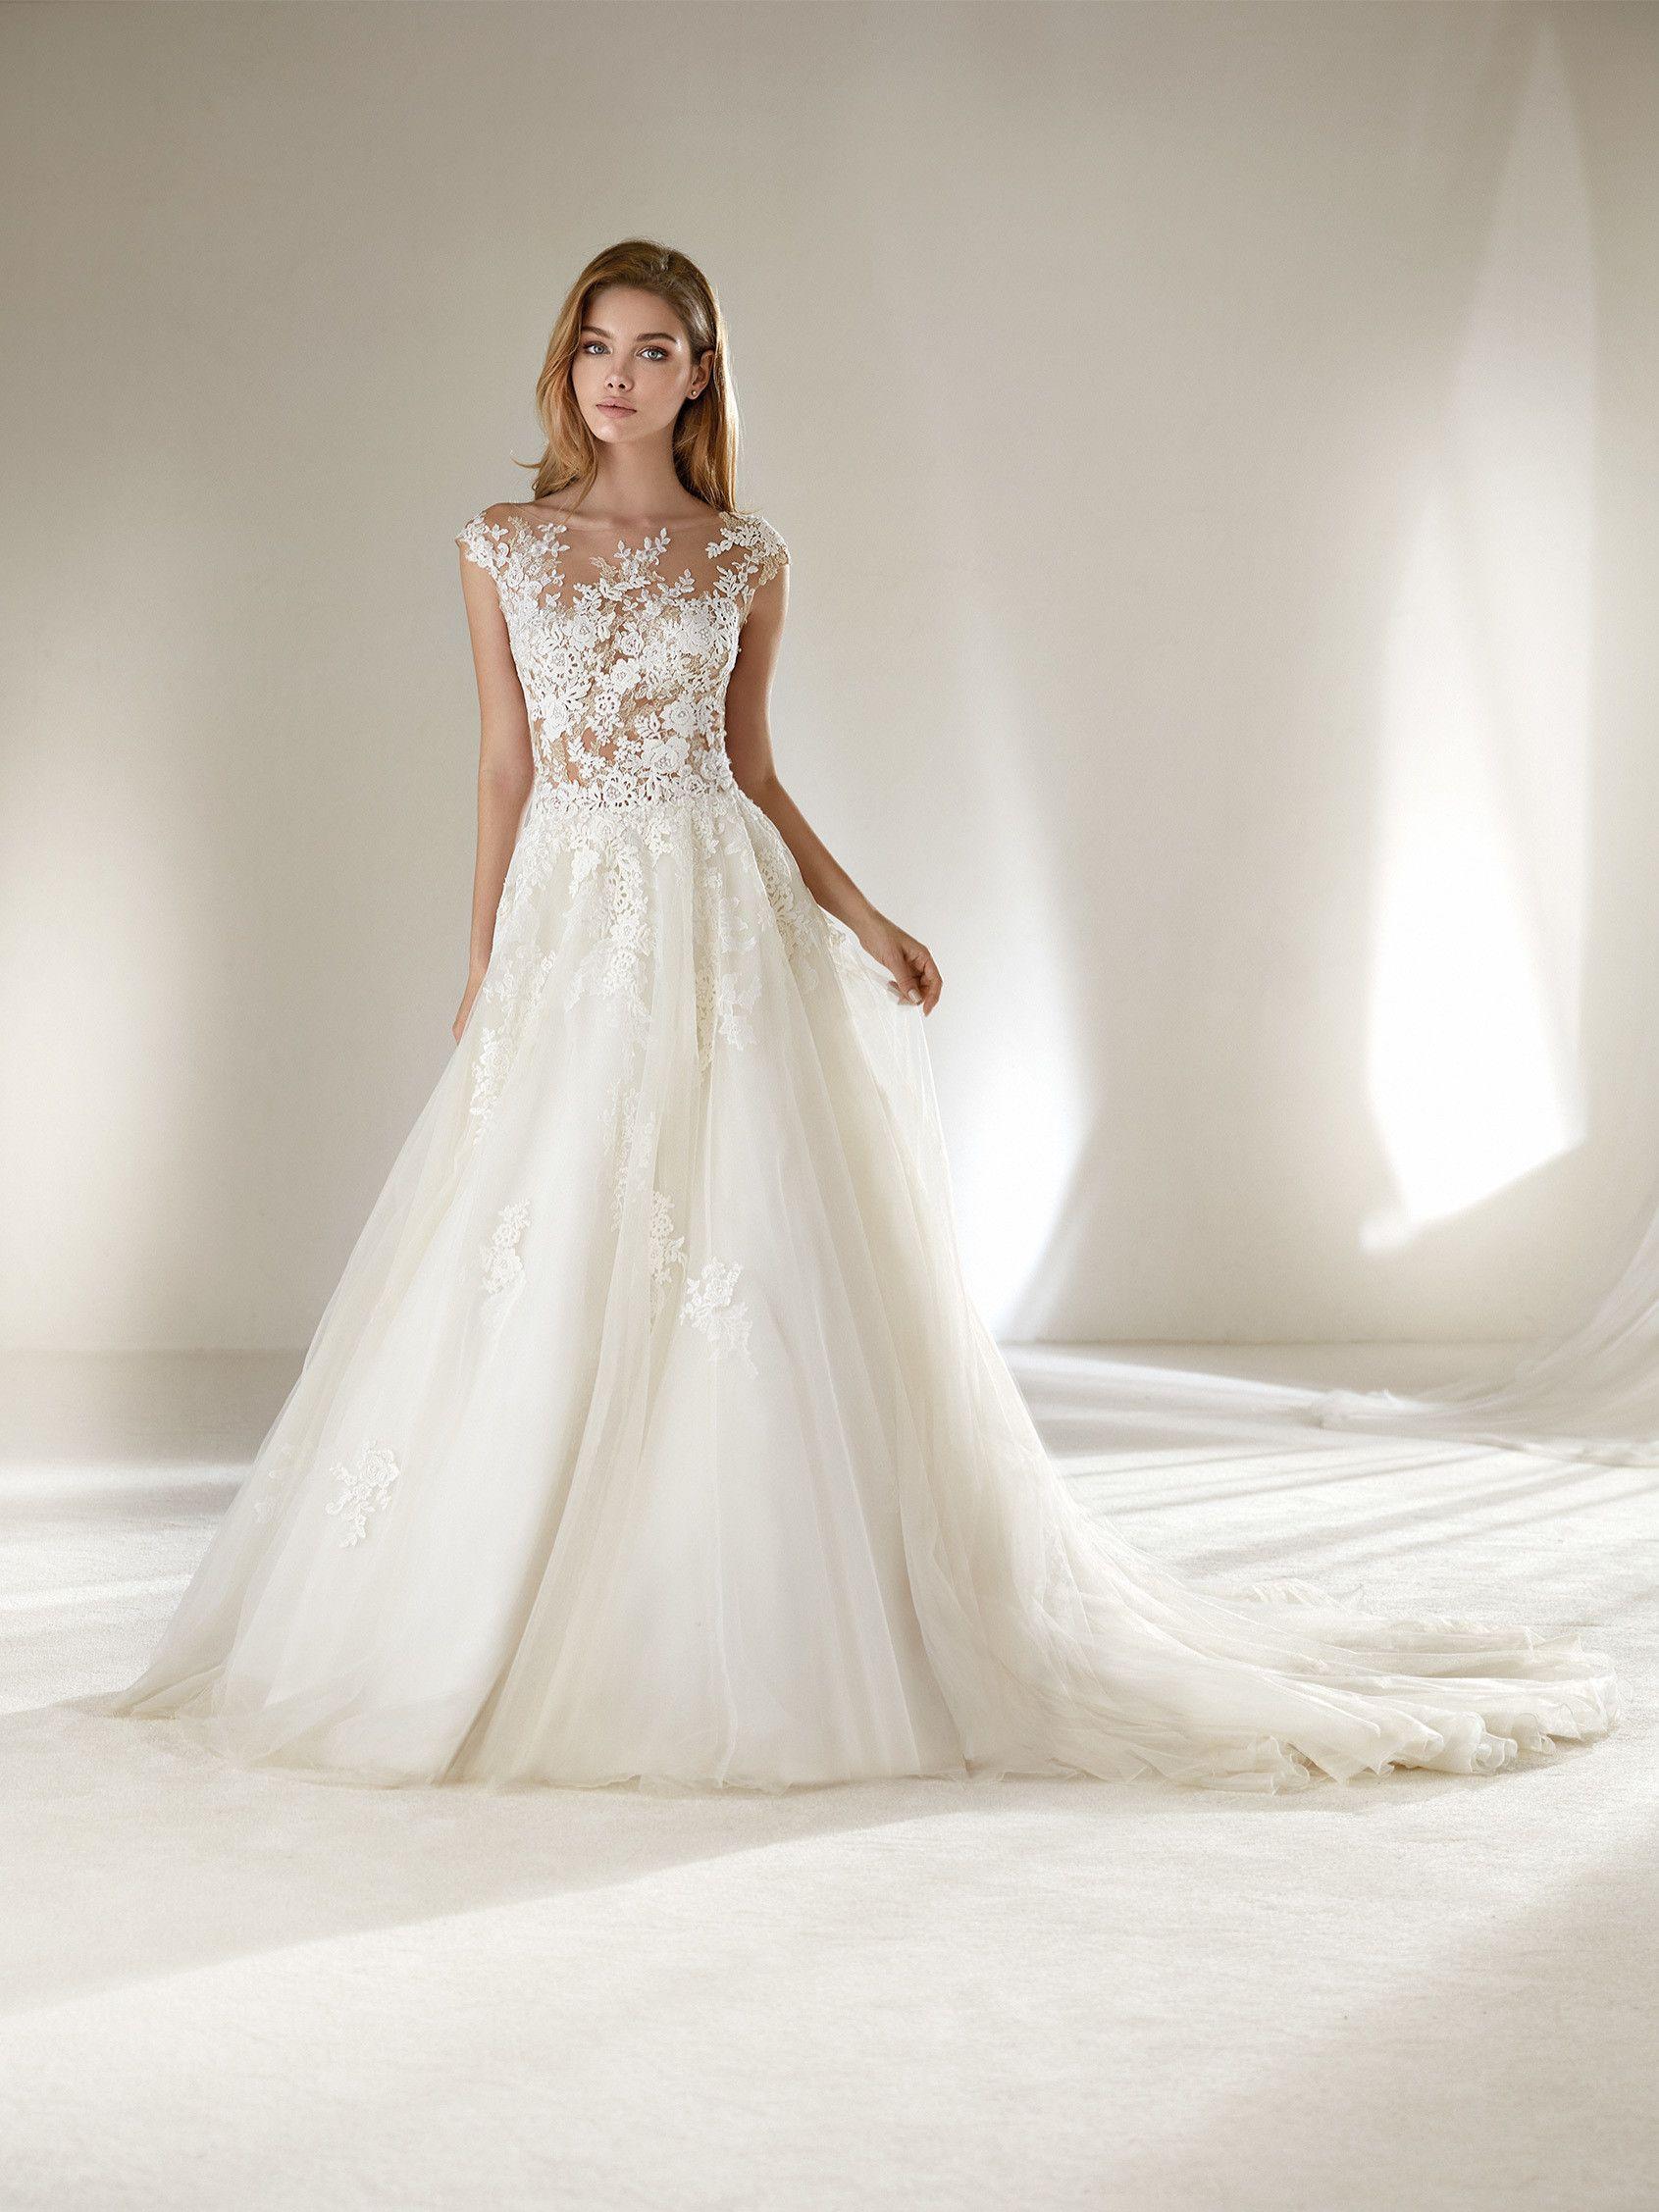 ▷ Bridal Fashion Firmen, die Kleider für alle Größen entwerfen